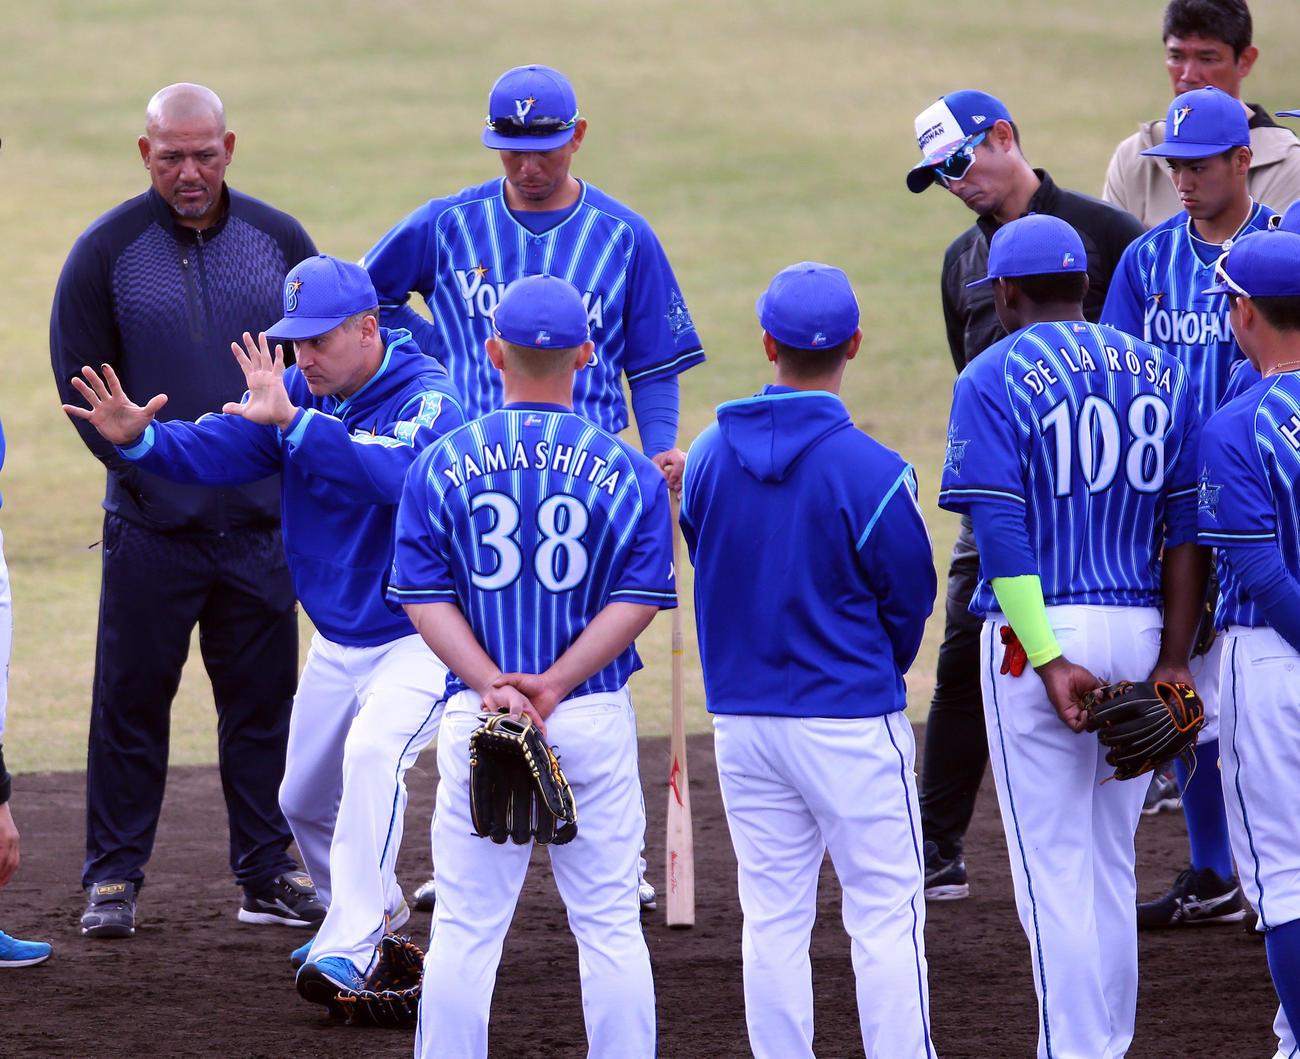 ノック後、身ぶり手ぶりをまじえて森(右)らDeNA選手たちに指導するビスケル氏(左手前)。左後方はラミレス監督(撮影・大野祥一)